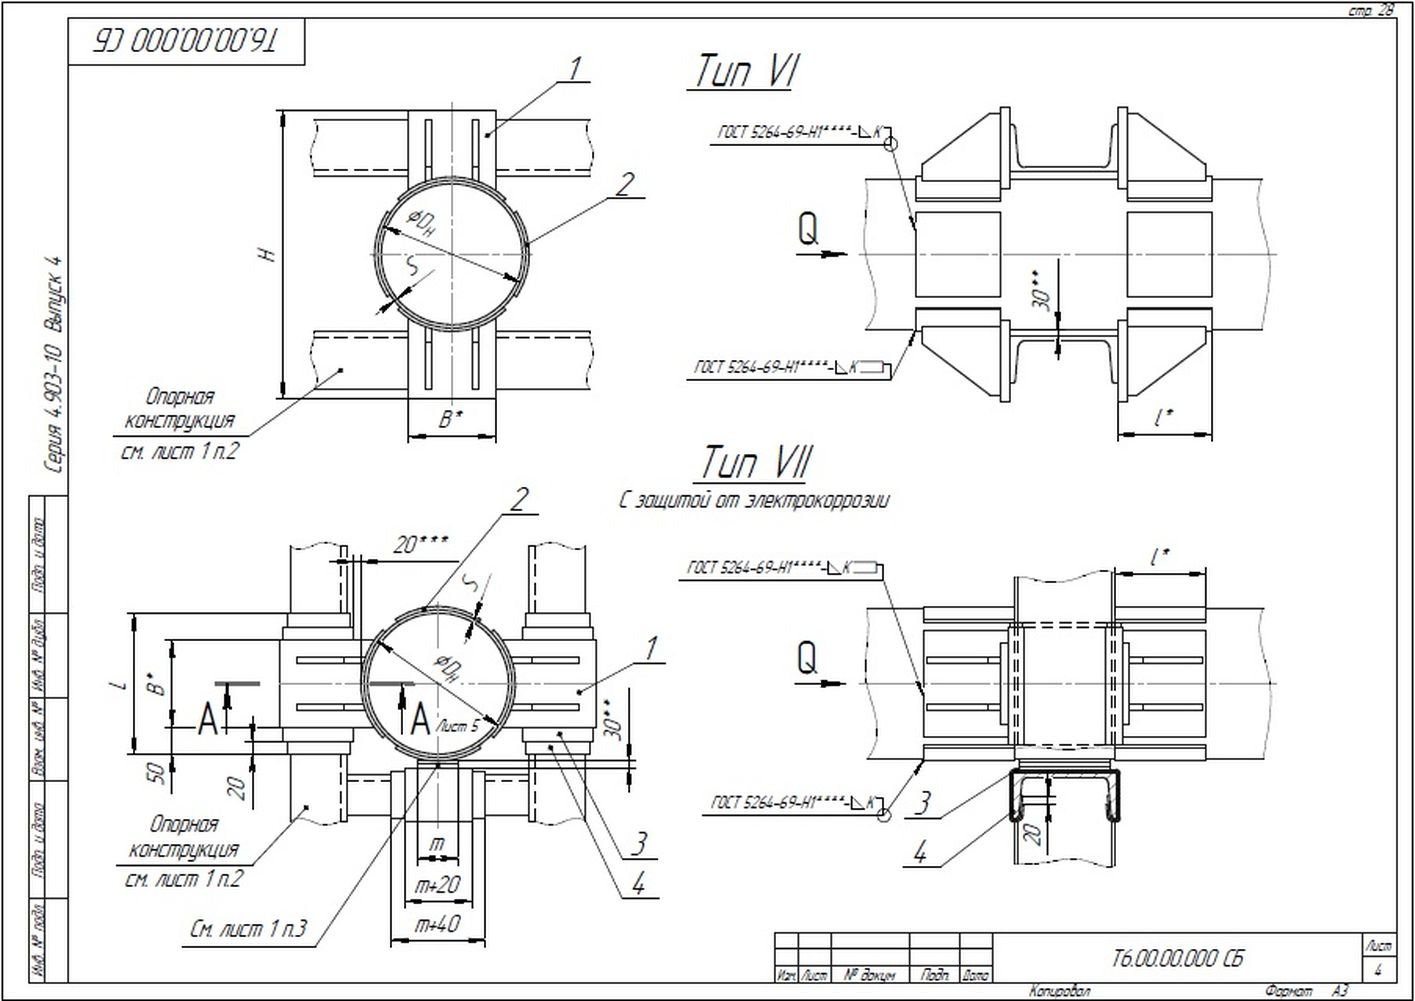 Опора неподвижная лобовая двухупорная усиленная Т6 серия 4.903-10 вып.4 стр.4